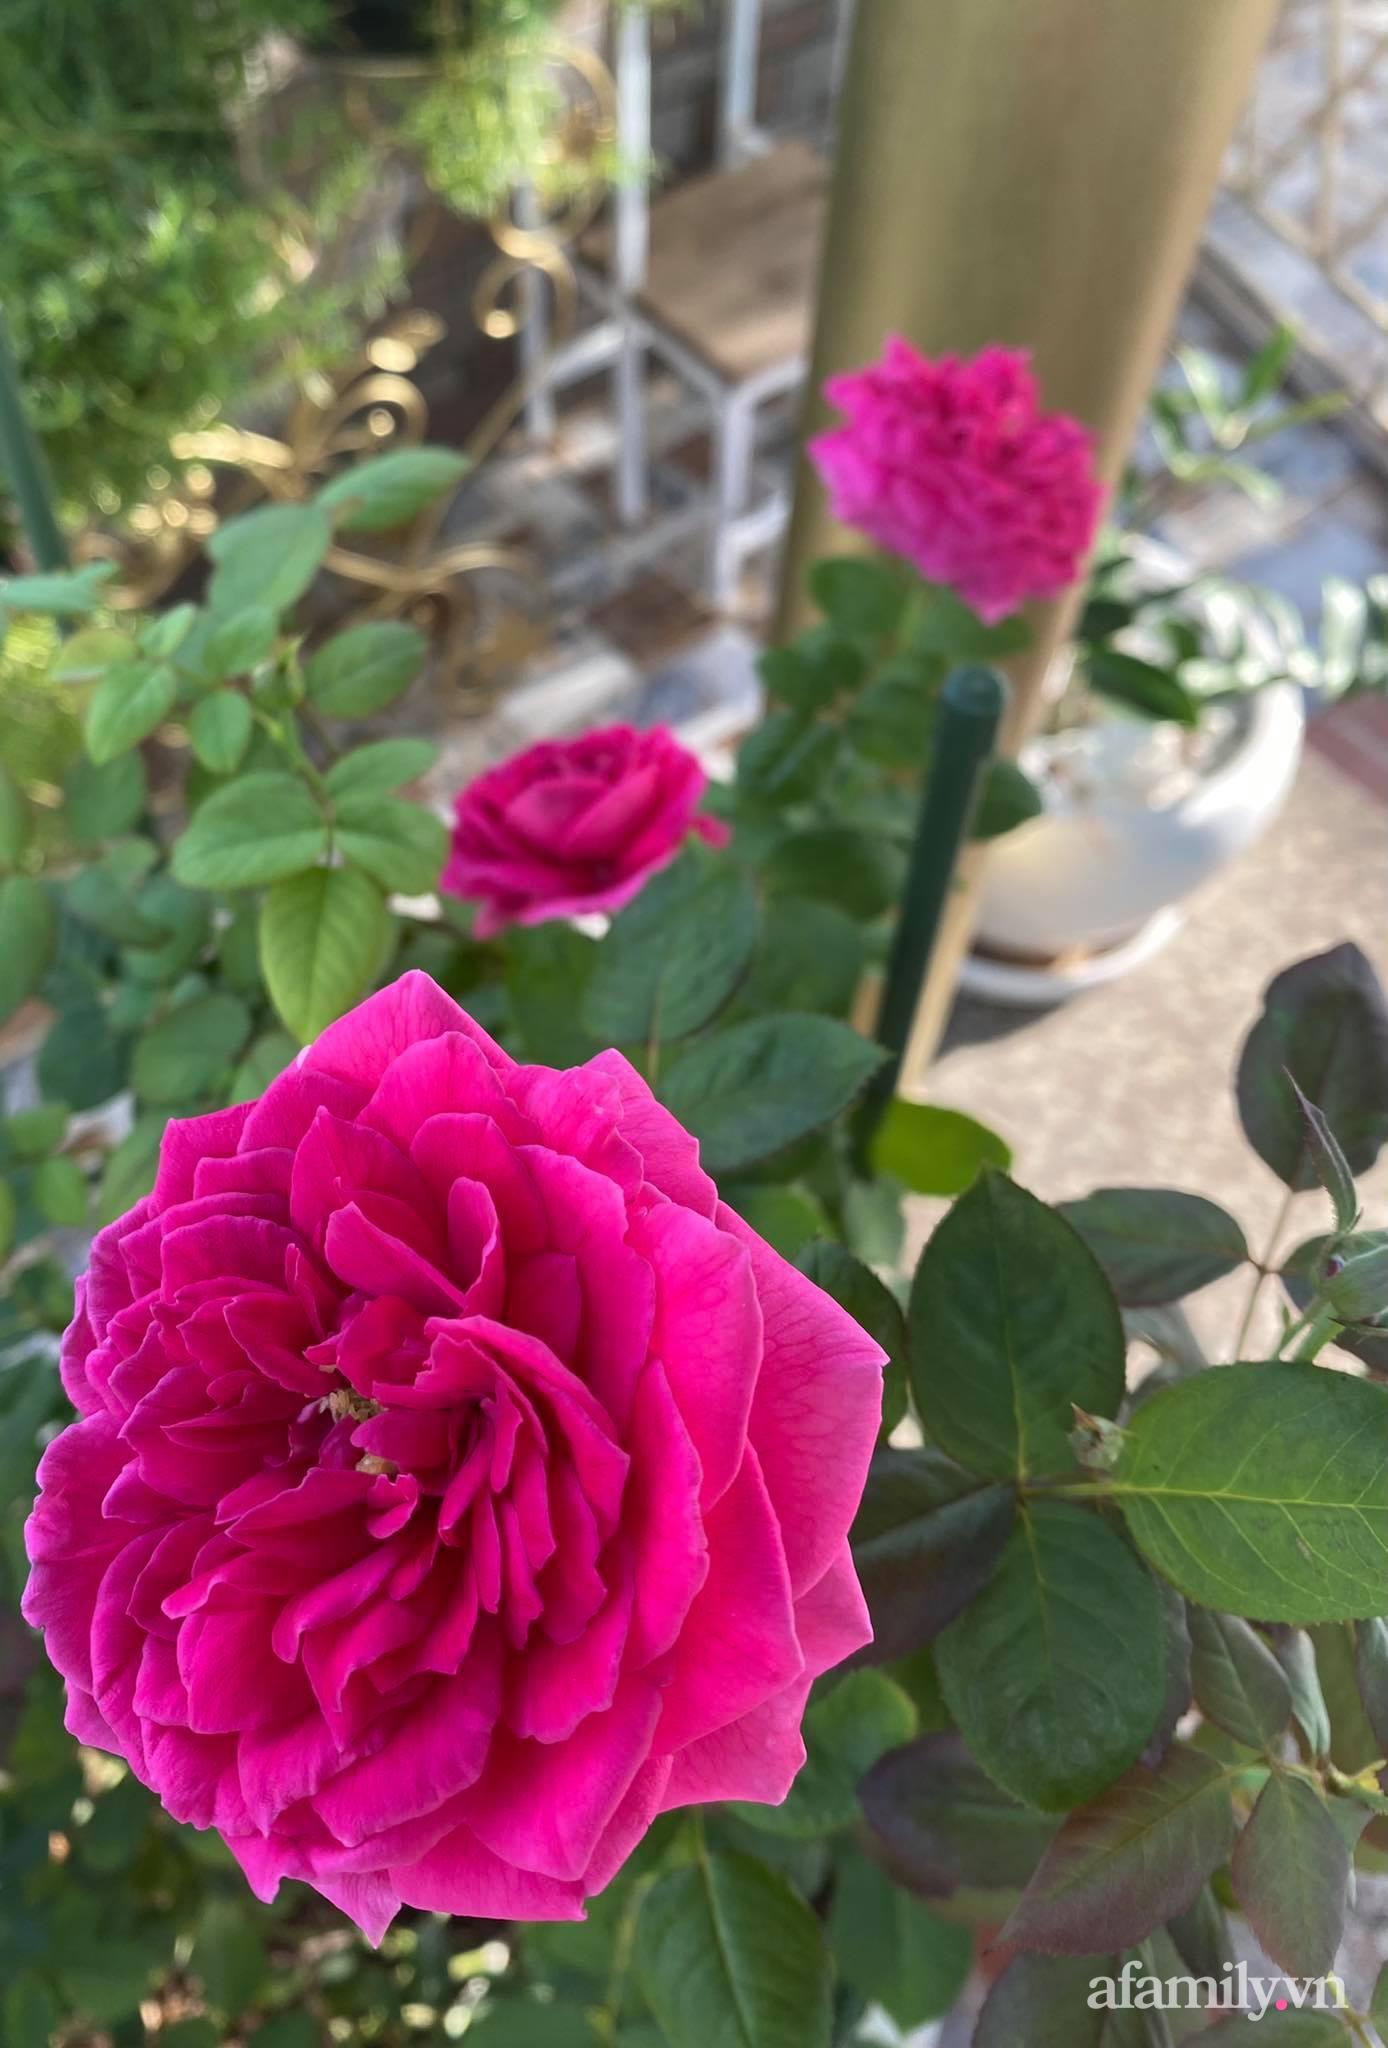 Sân thượng phủ kín hoa hồng và rau quả sạch ở Sài Gòn của Hoa hậu Janny Thủy Trần - ảnh 21